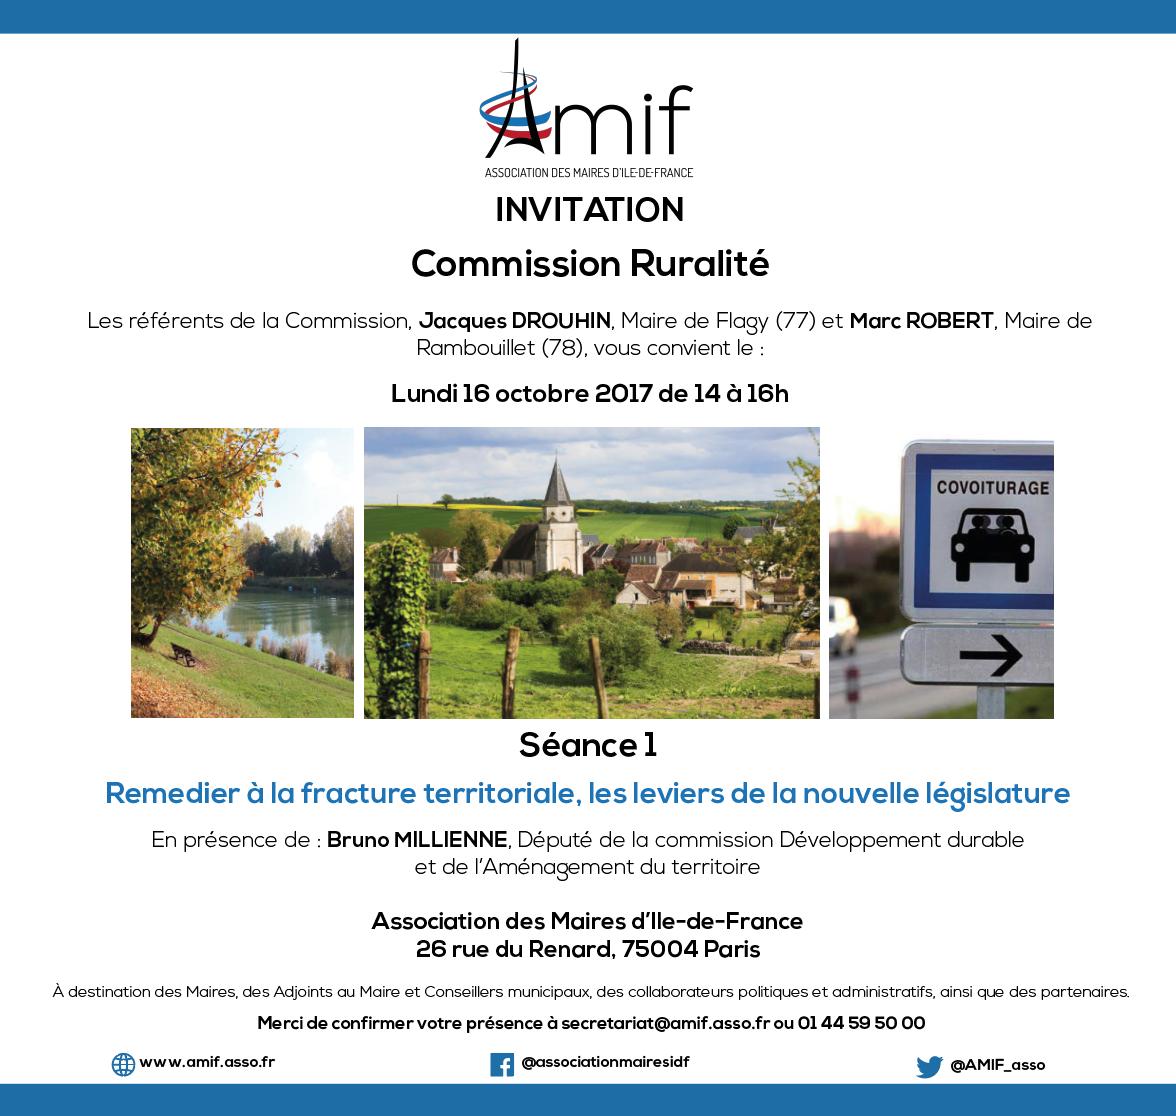 Commission Ruralité - Séance 1 - Lundi 16 octobre 2017 - 14h-16h